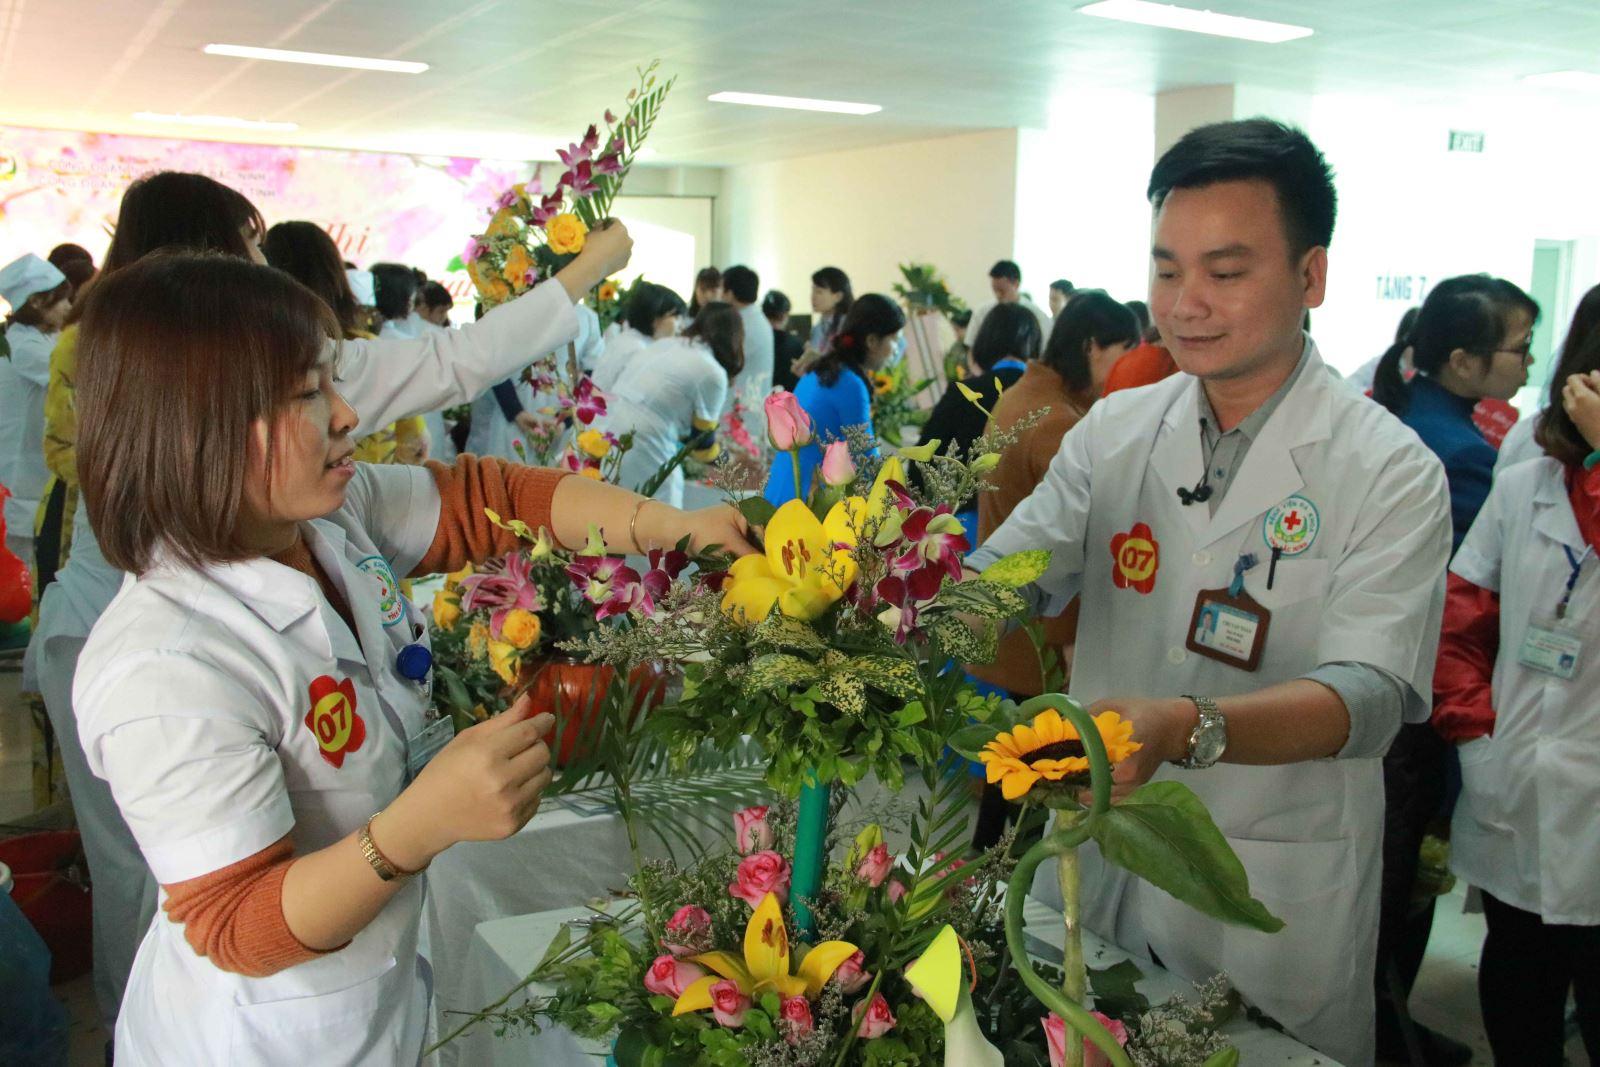 Công đoàn Bệnh viện đa khoa tỉnh Bắc Ninh tổ chức Hội thi cắm hoa nghệ thuật chào mừng 108 năm Ngày Quốc tế Phụ nữ và 1978 năm khởi nghĩa Hai Bà Trưng